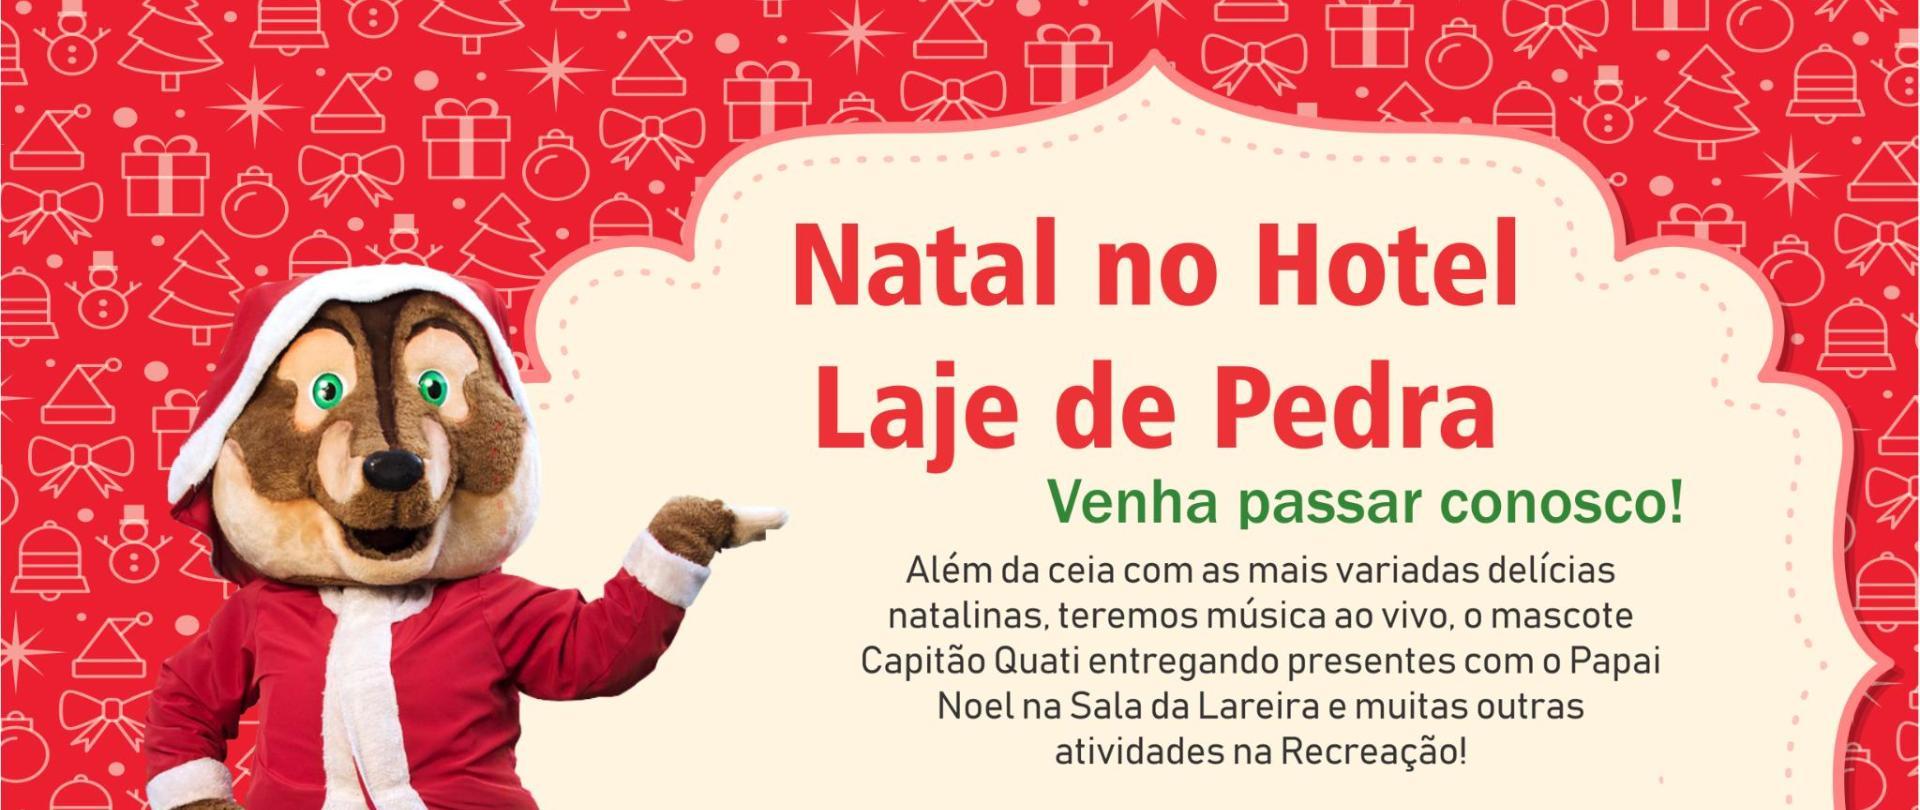 Christmas Quati2LLLLLLLLLOKOKOKOKESSA.png